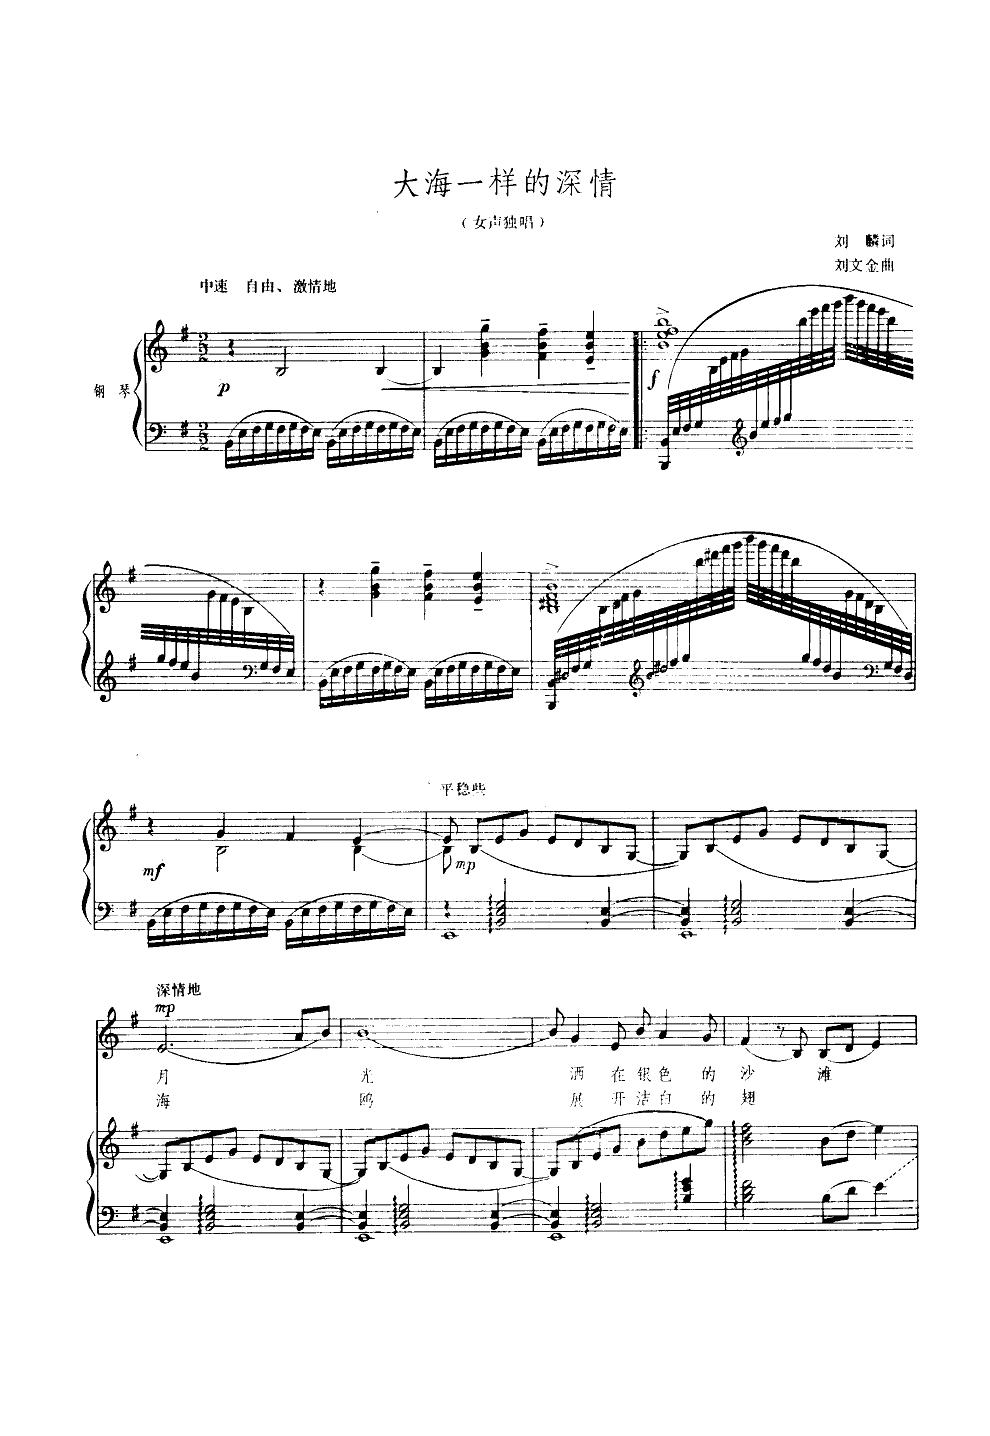 敏伴奏_大海一样的深情 钢琴伴奏谱 五线谱—女声独唱